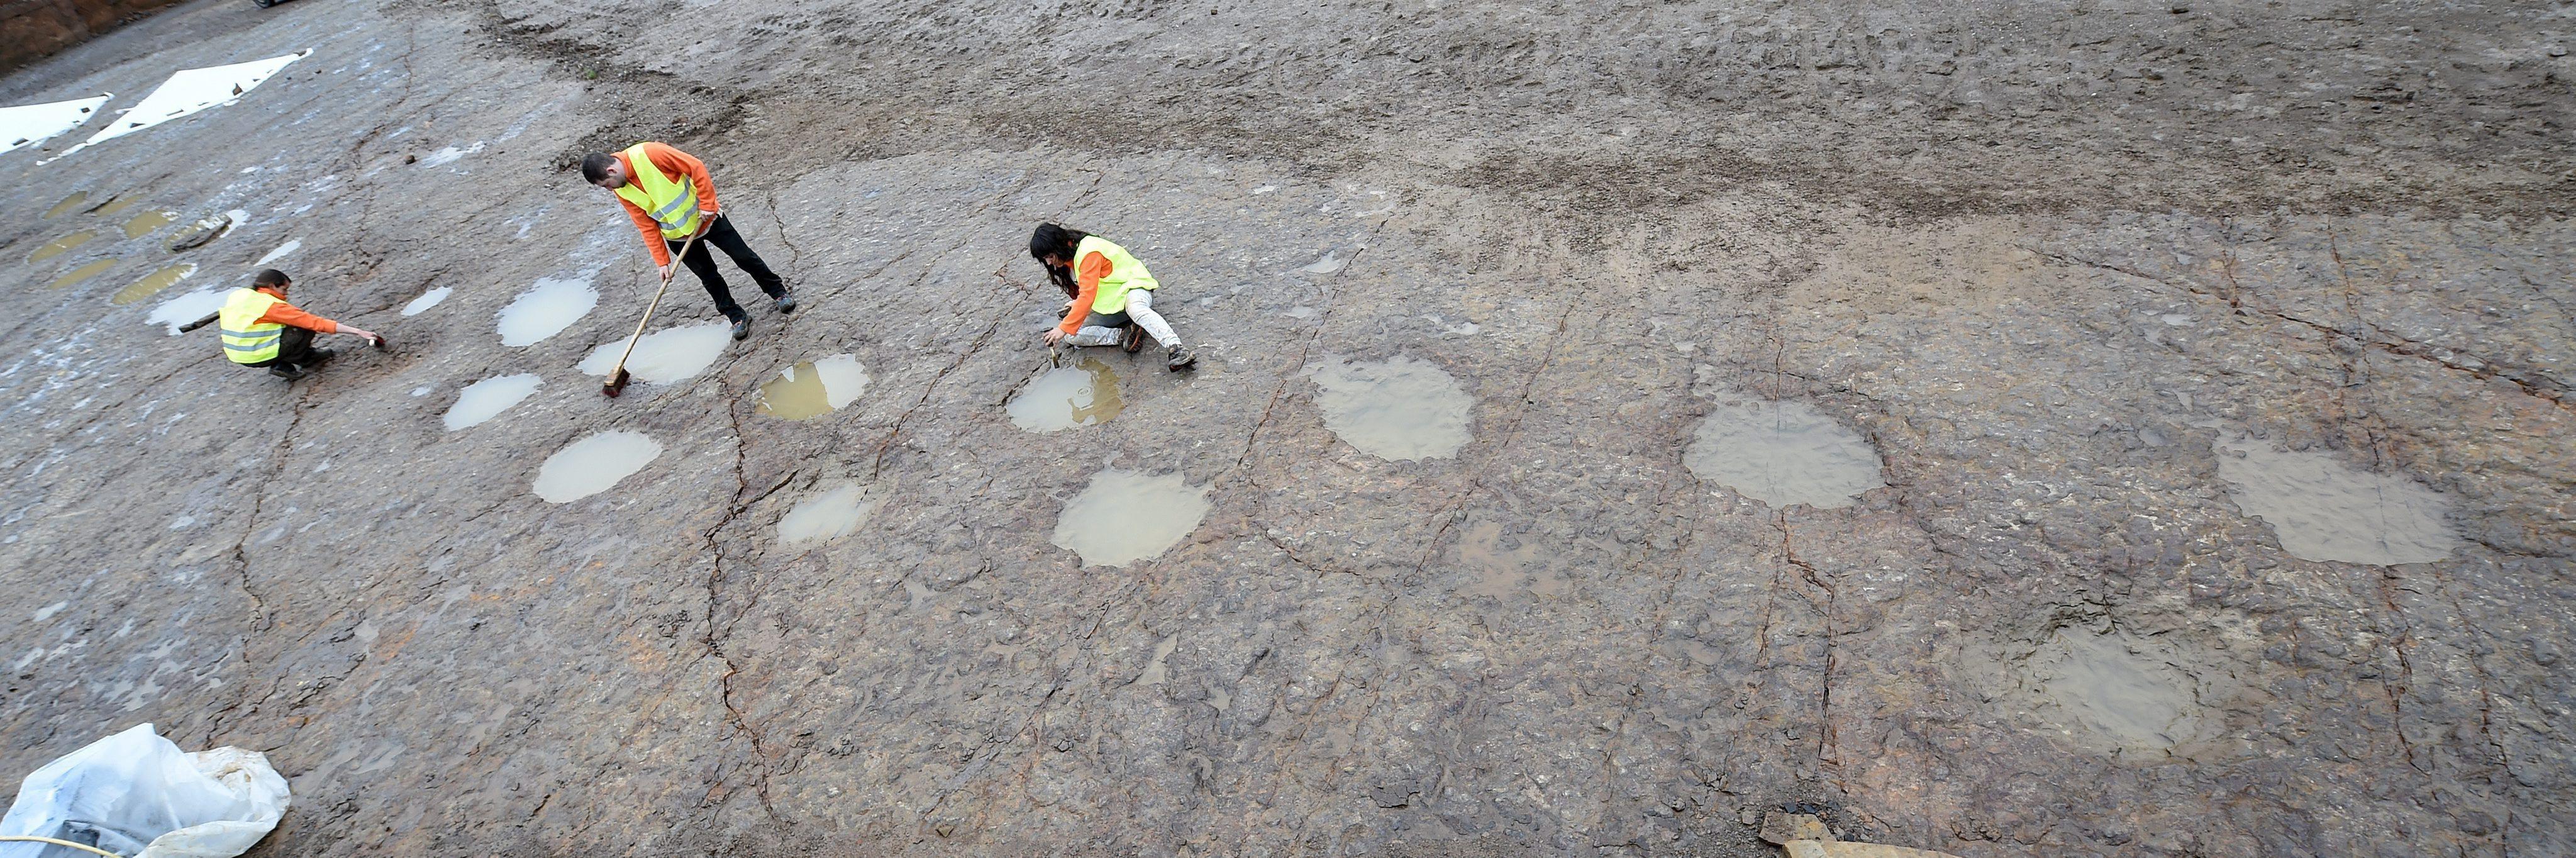 dinoszaurusz csont randi